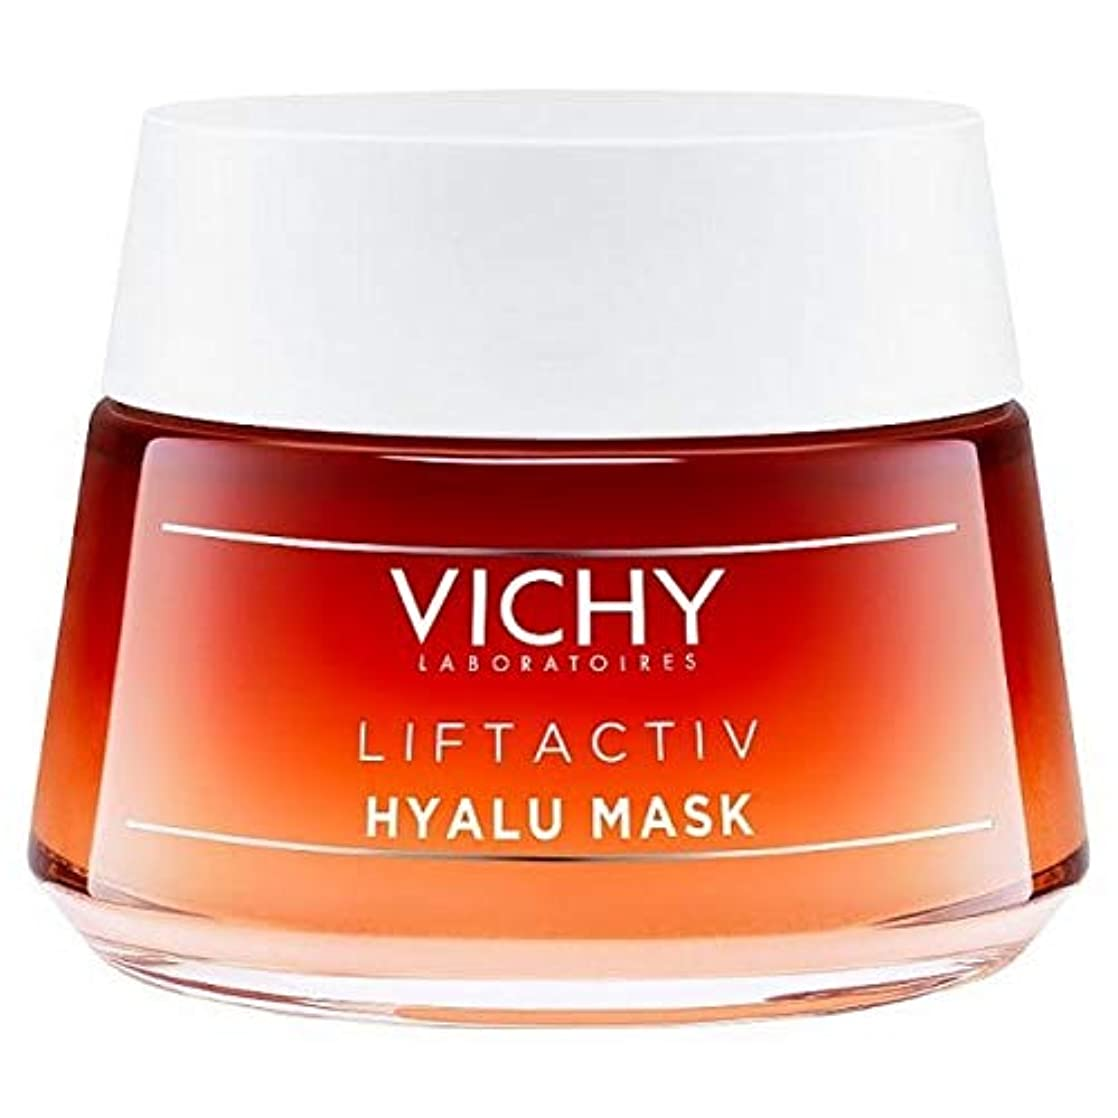 調べる租界二次[Vichy] ヴィシーLiftactiv Hyaluマスク50ミリリットル - Vichy LiftActiv Hyalu Mask 50ml [並行輸入品]